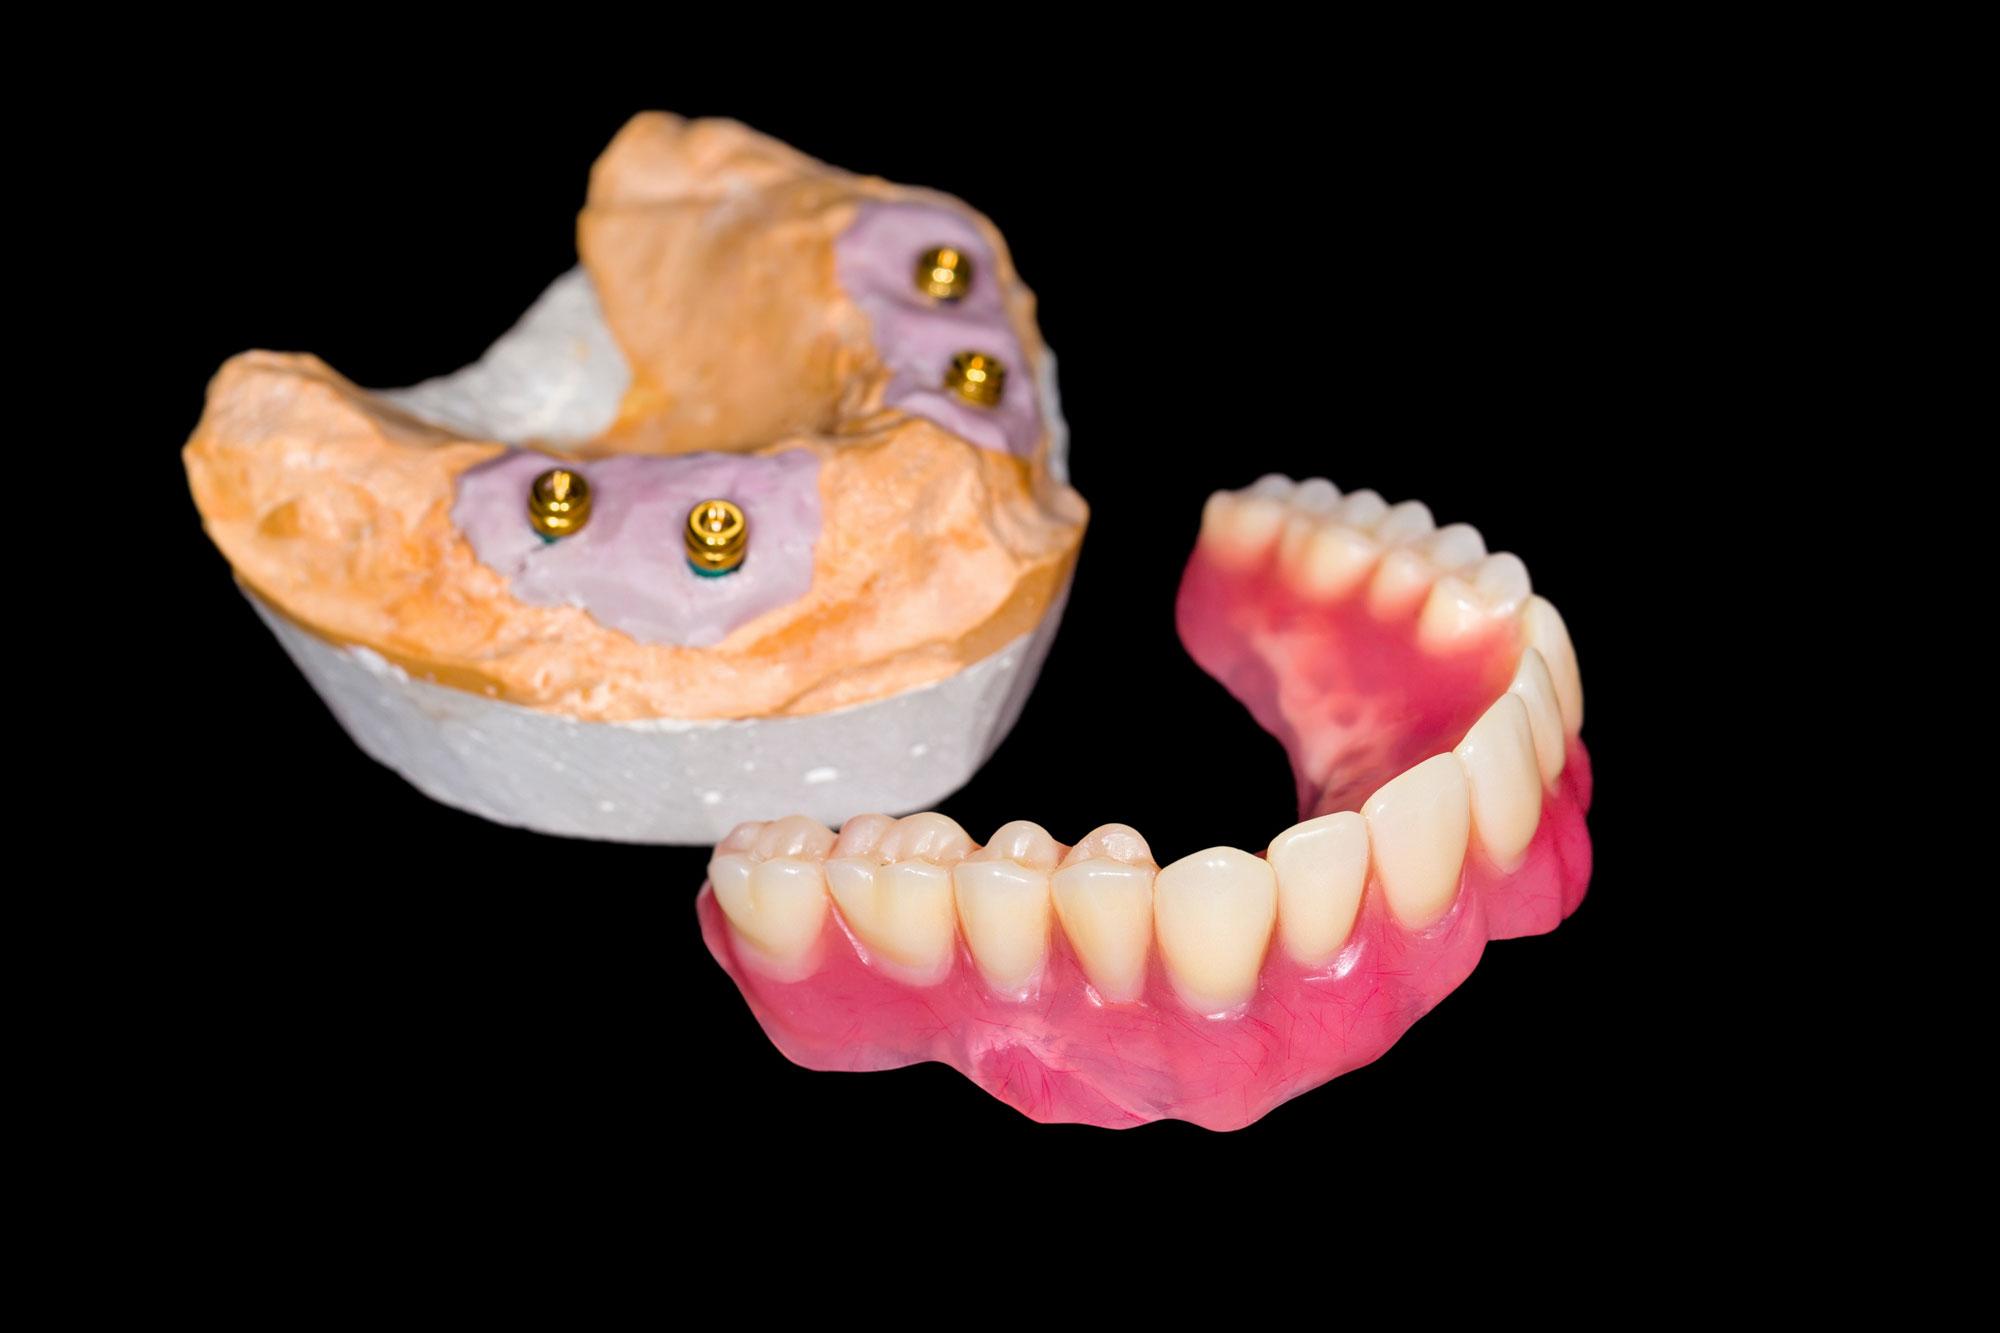 Herausnehmbare Zahnreihe mit Implantation im Falle totaler Zahnlosigkeit.